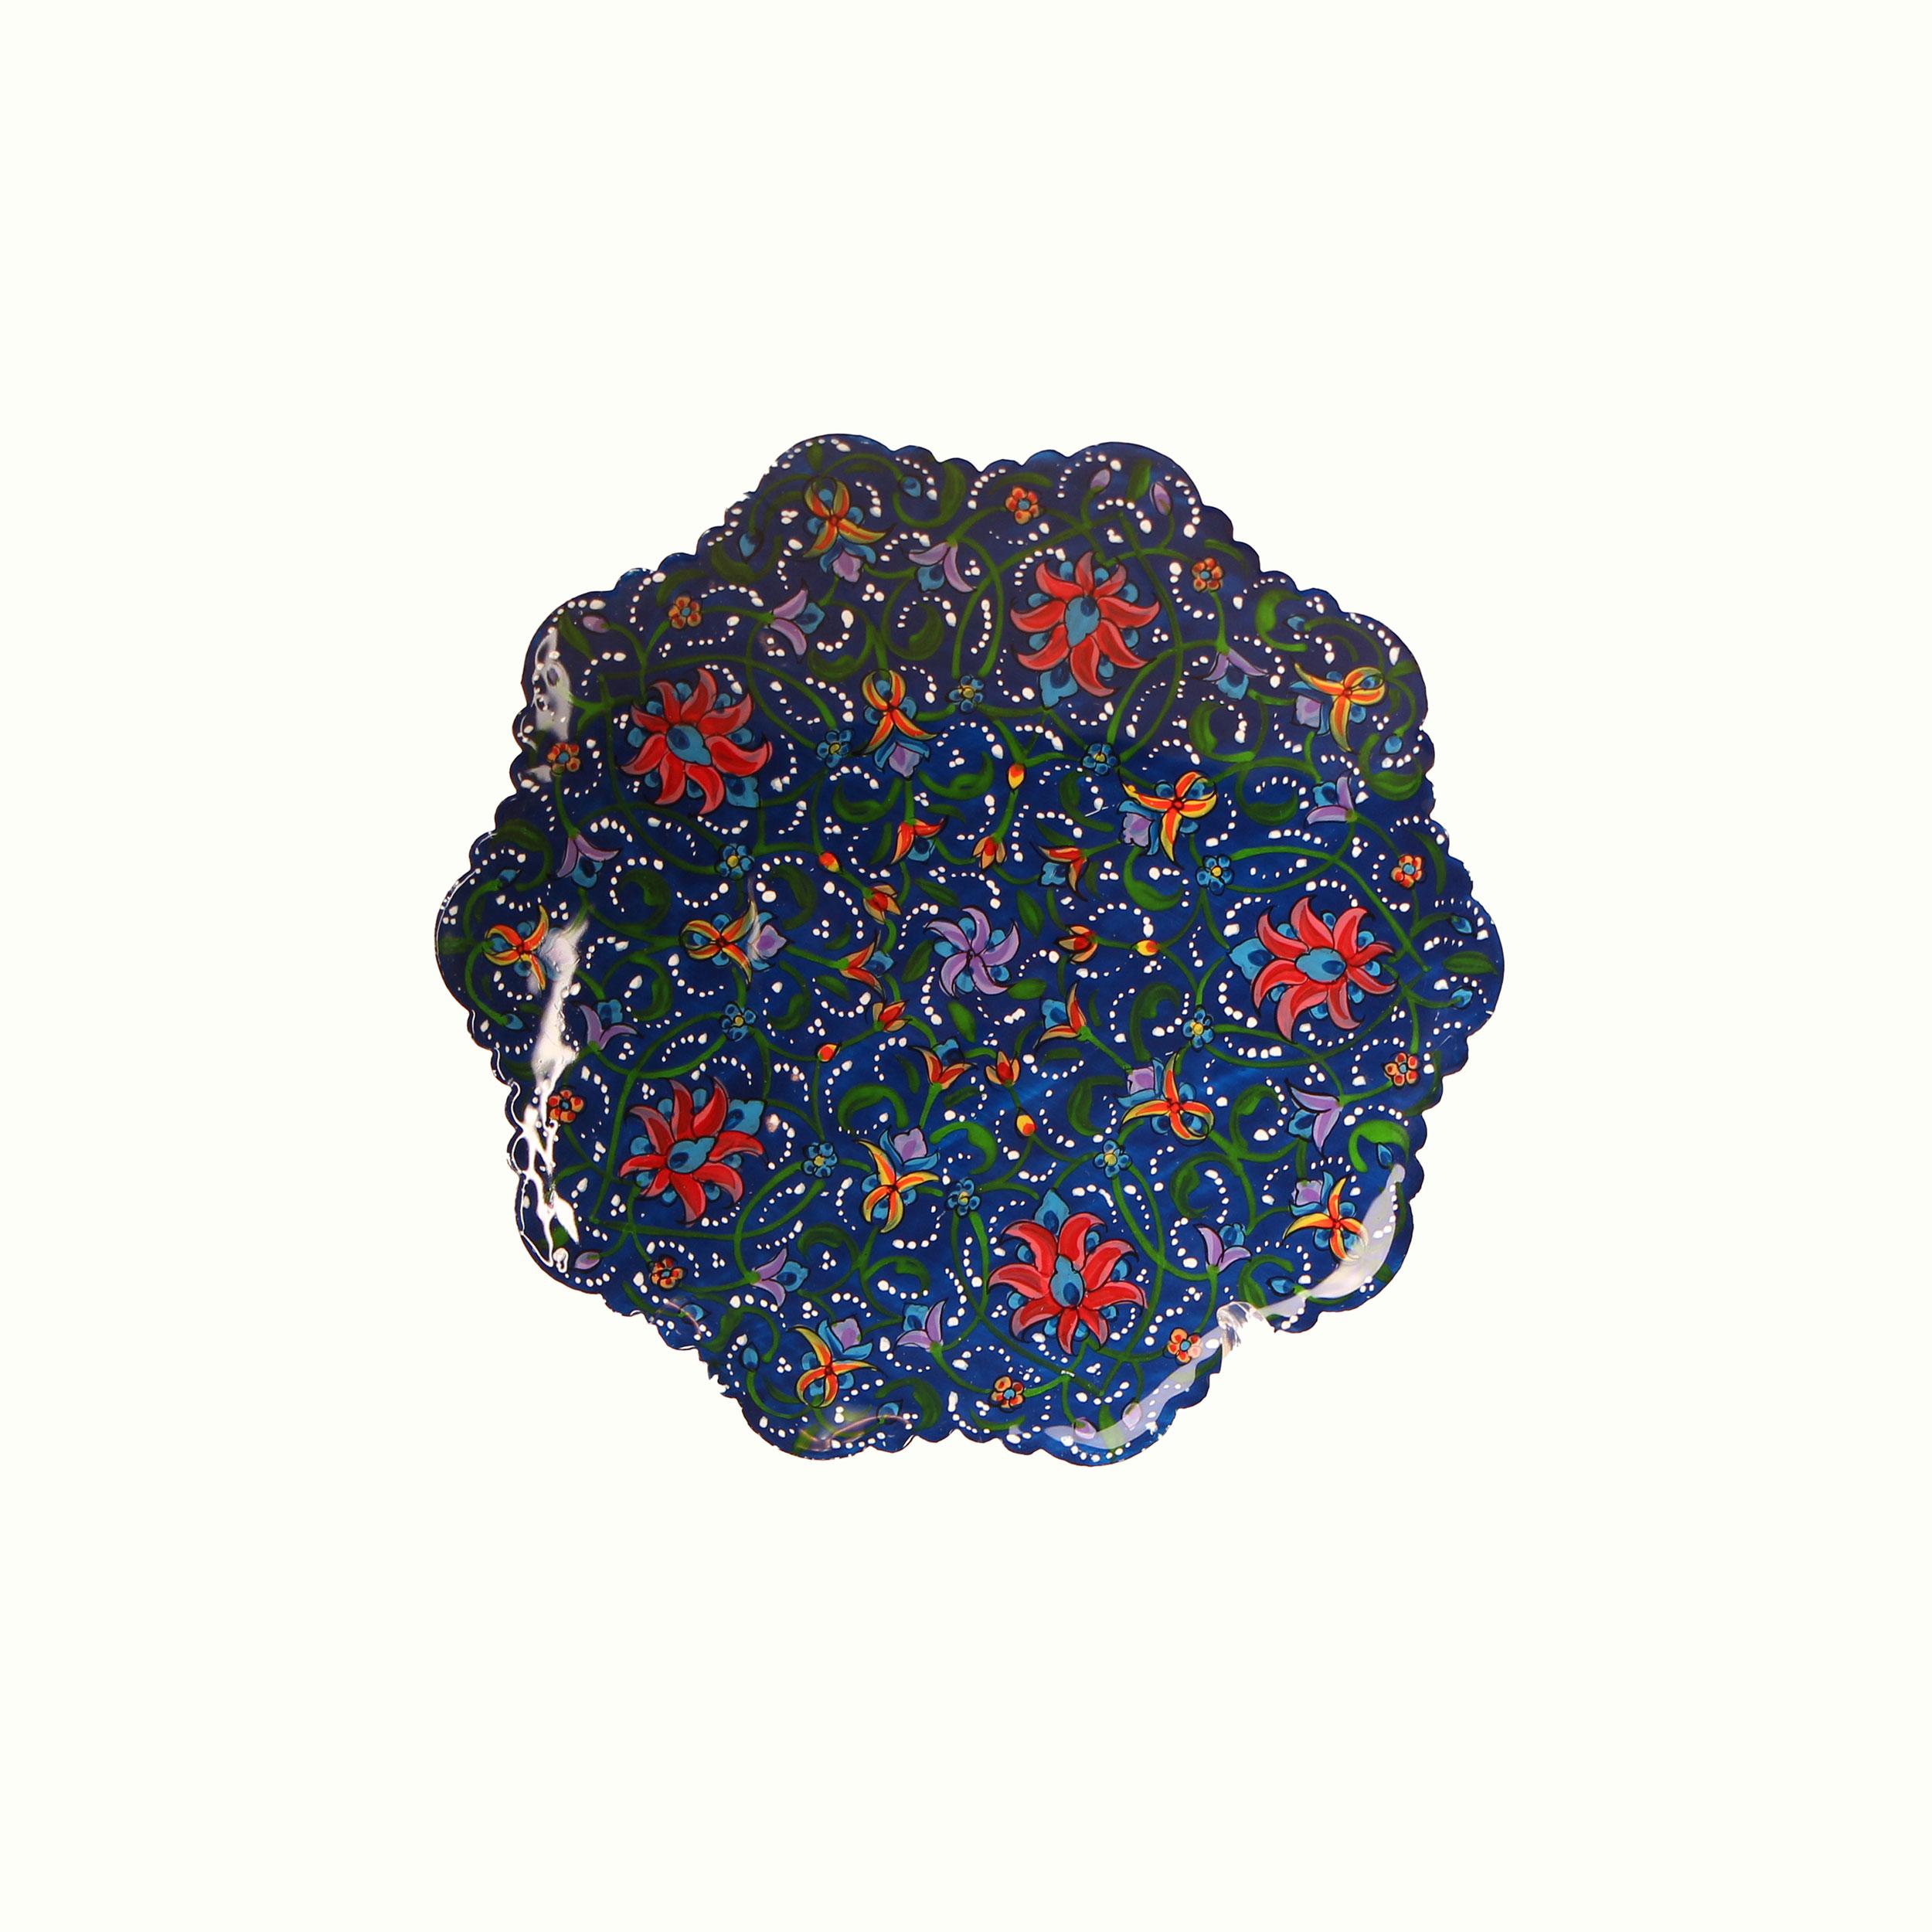 بشقاب مس و پرداز آرانیک گرد  رنگ آبی طرح شاه عباسی1 مدل 1000100007